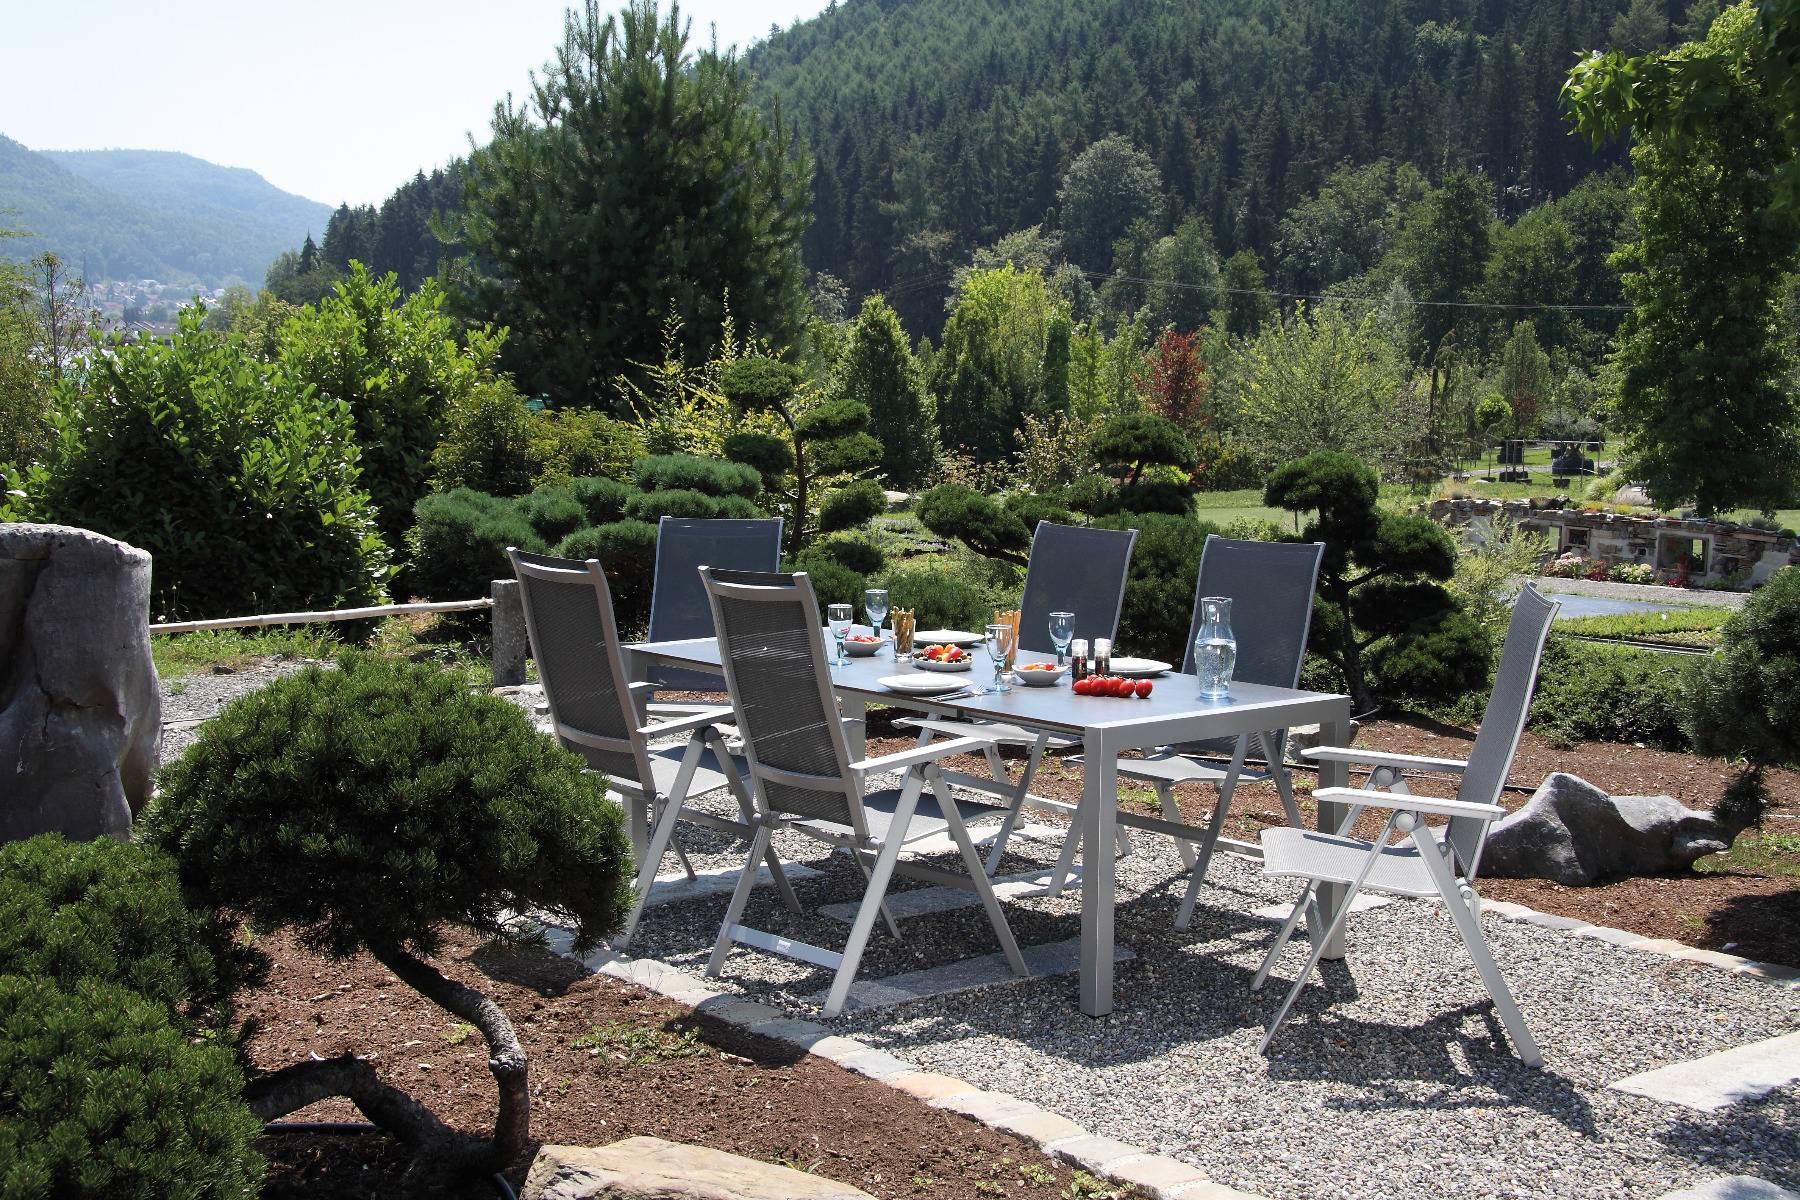 acamp Gartenmöbelset 6x Urban Klappsessel 56863 und 1x Tisch 56701 Extensio 180 x 98 cm